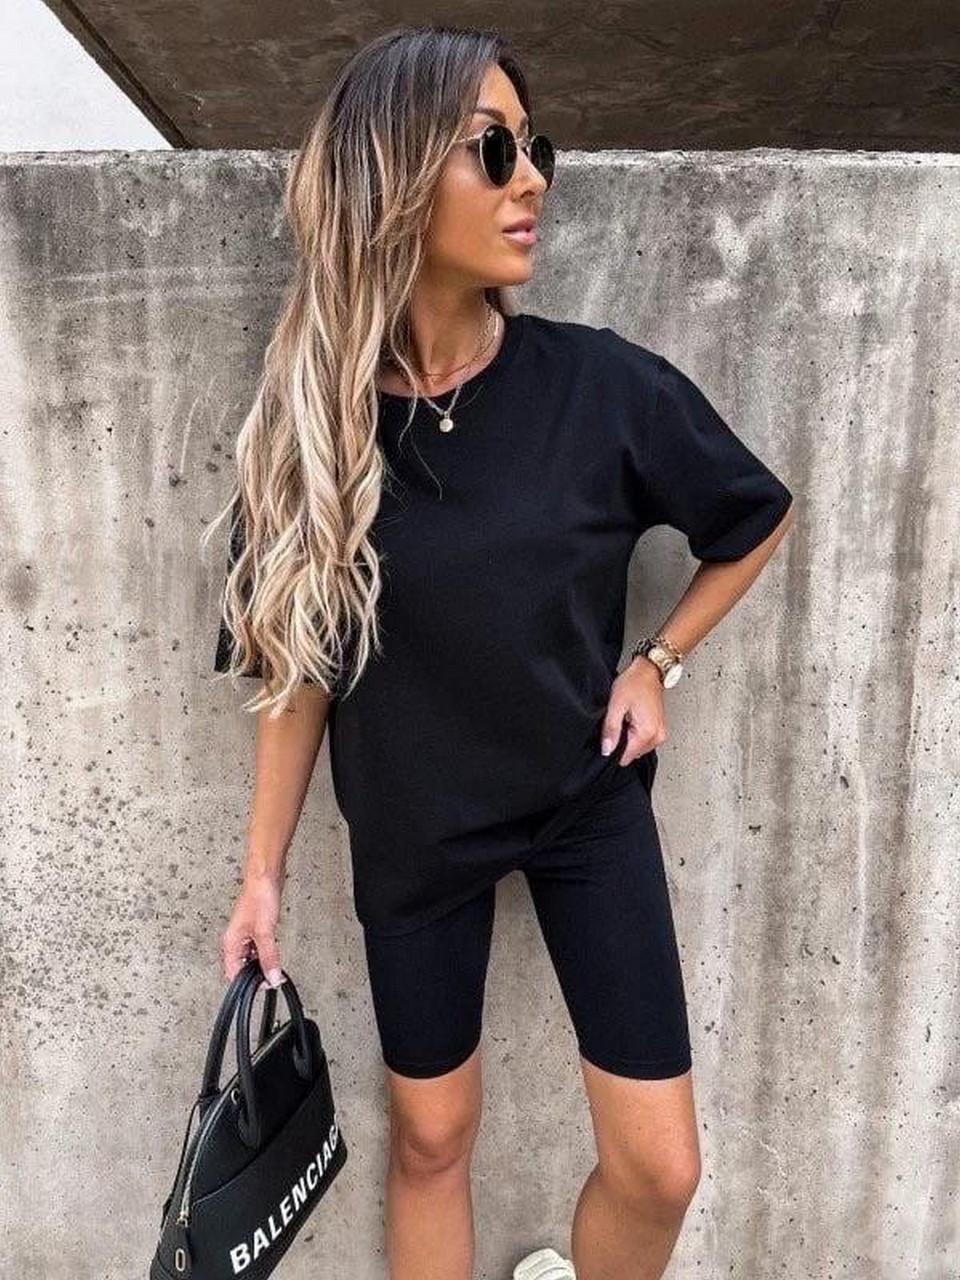 Женский комплект из футболки с удлиненным рукавом и  велосипедок, 01062 (Черный), Размер 42 (S)